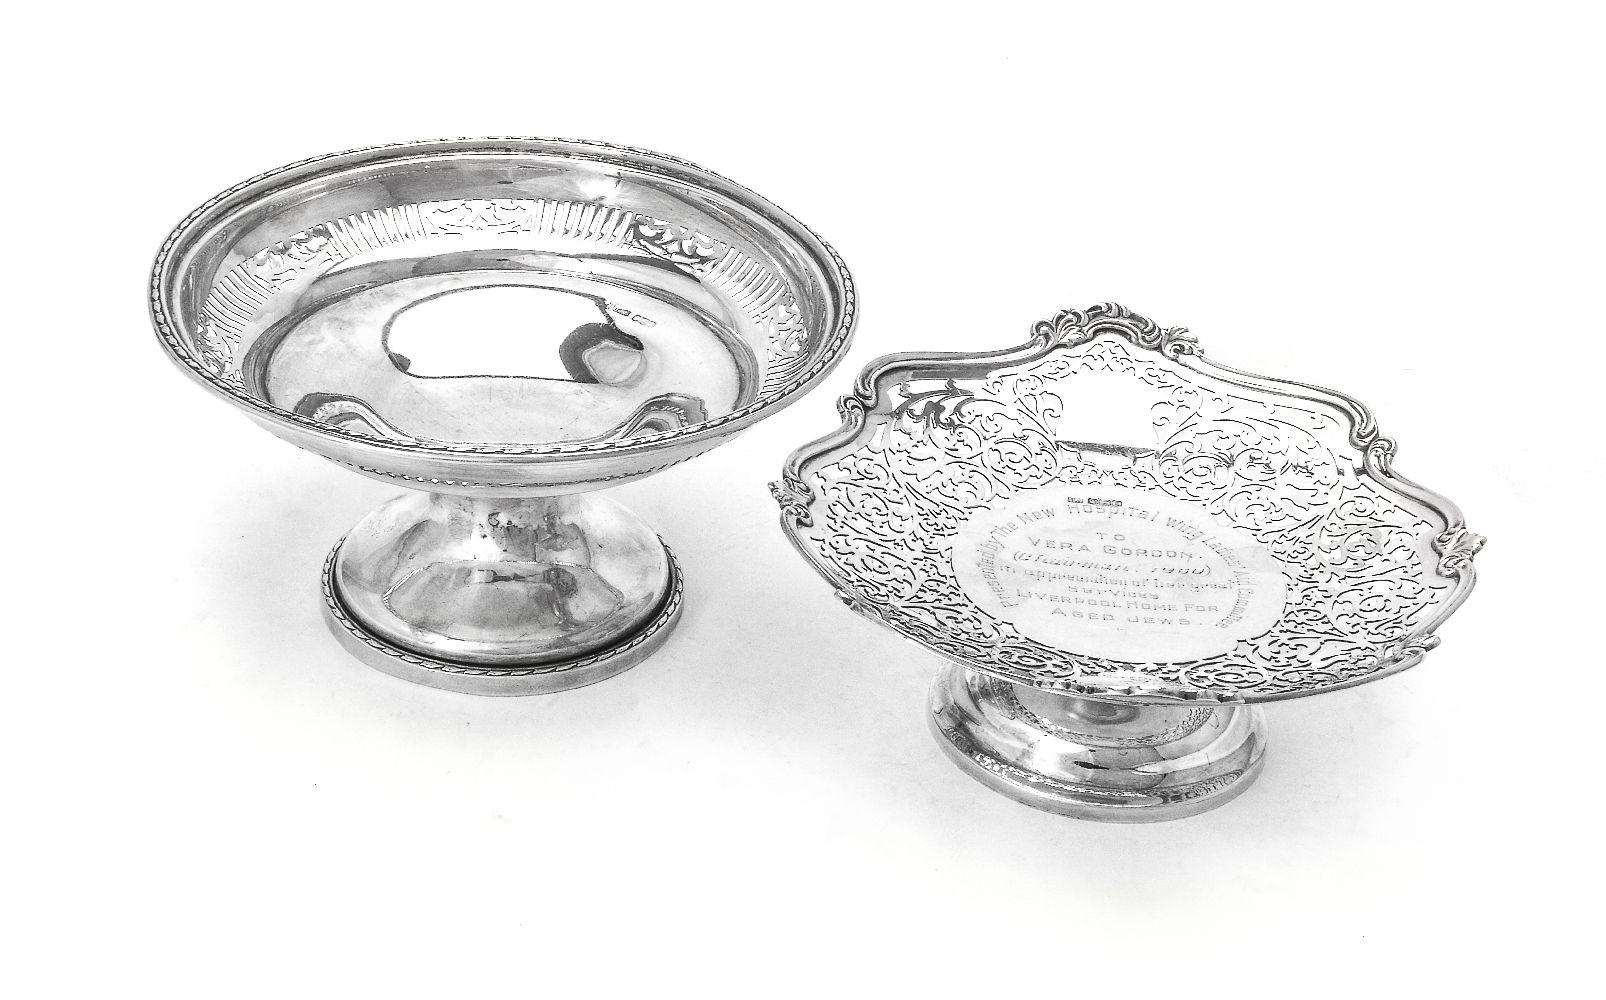 Lot 620 - Two silver pedestal baskets